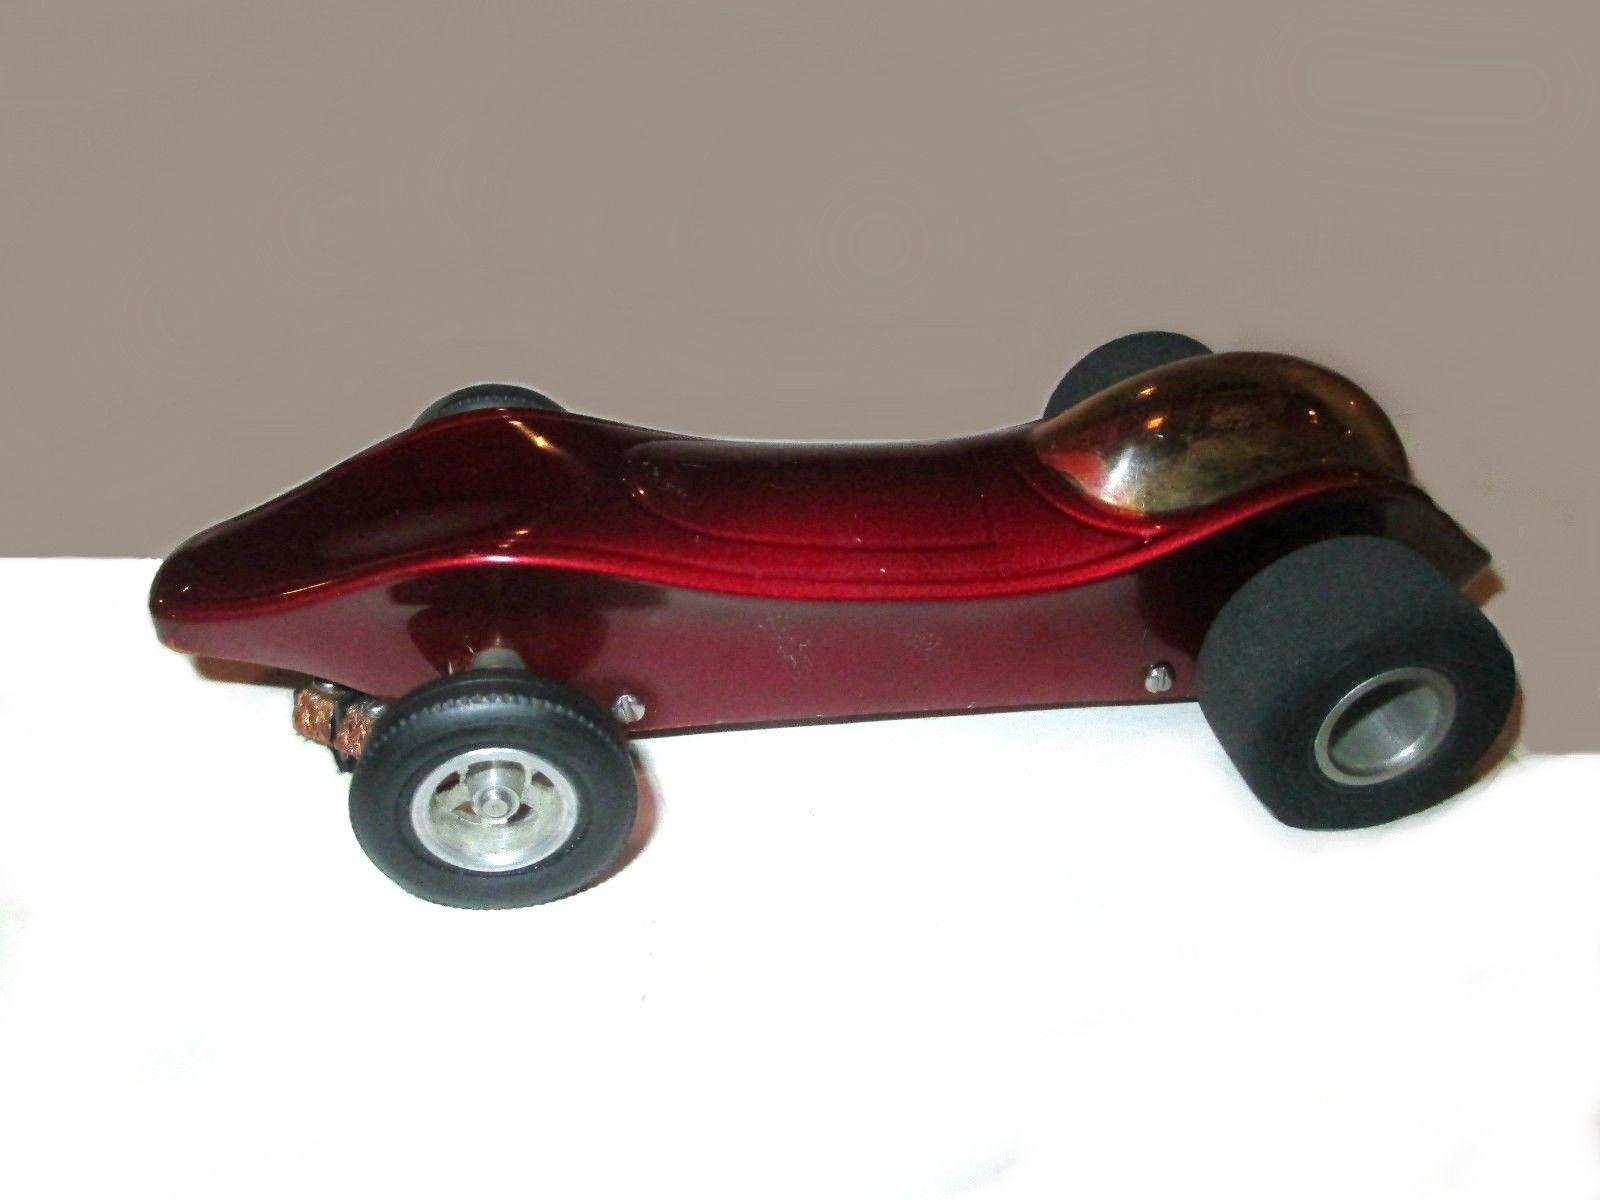 Classic Viper slot car